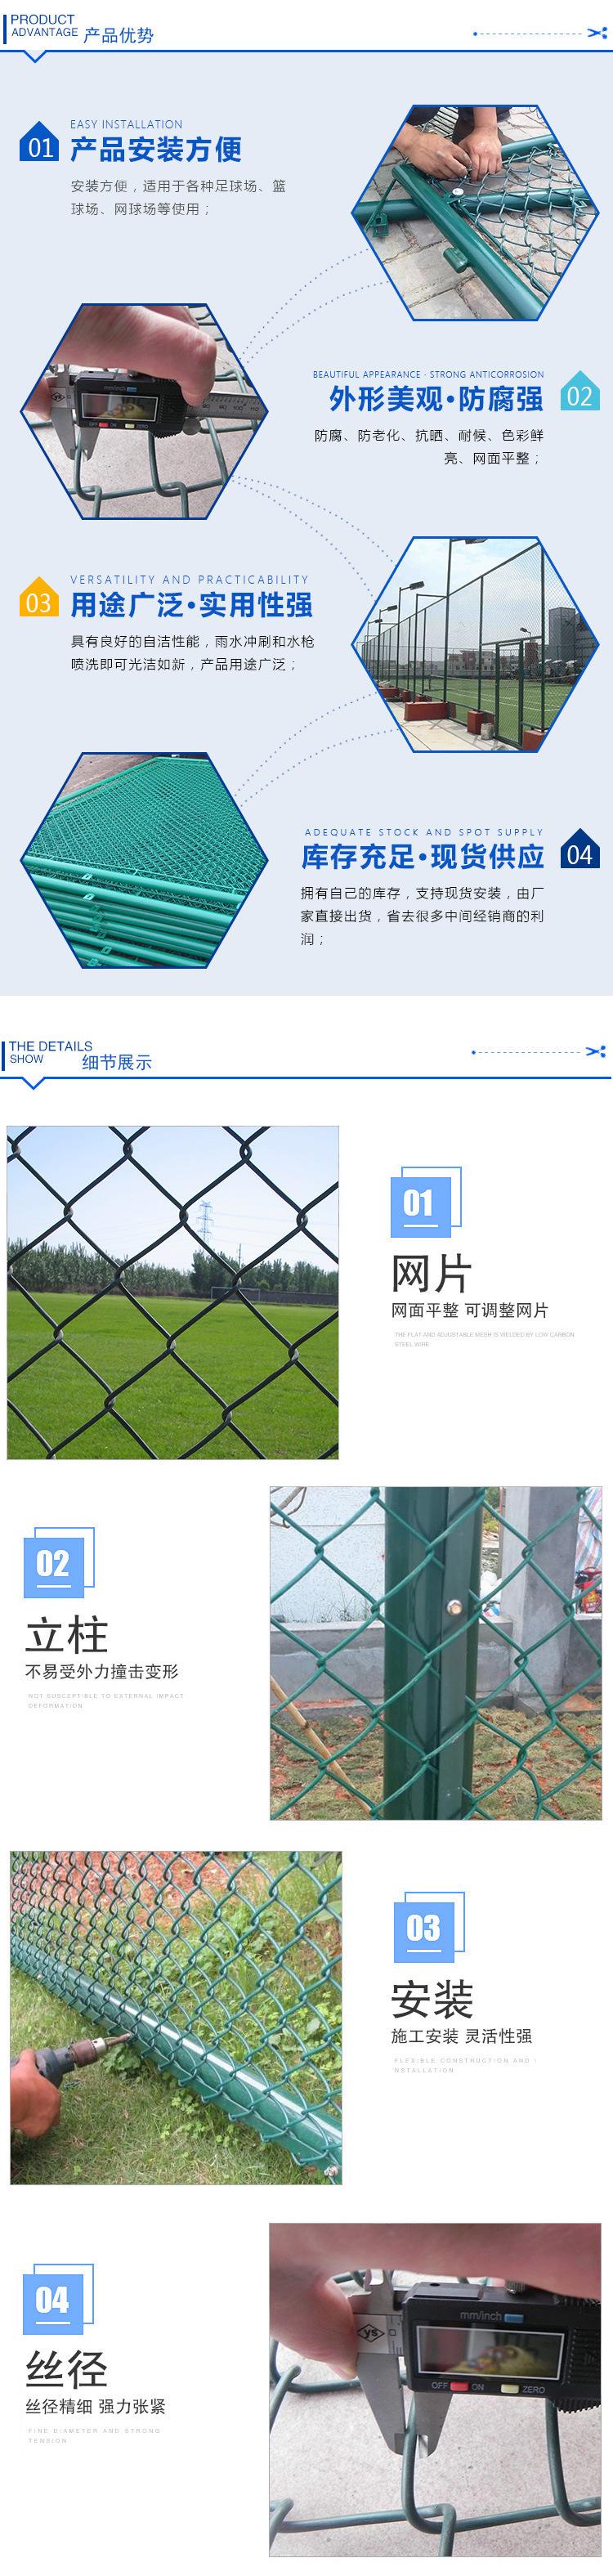 厂家直销篮球场围网 羽毛球场围栏网价格 体育场护栏网厂家示例图7